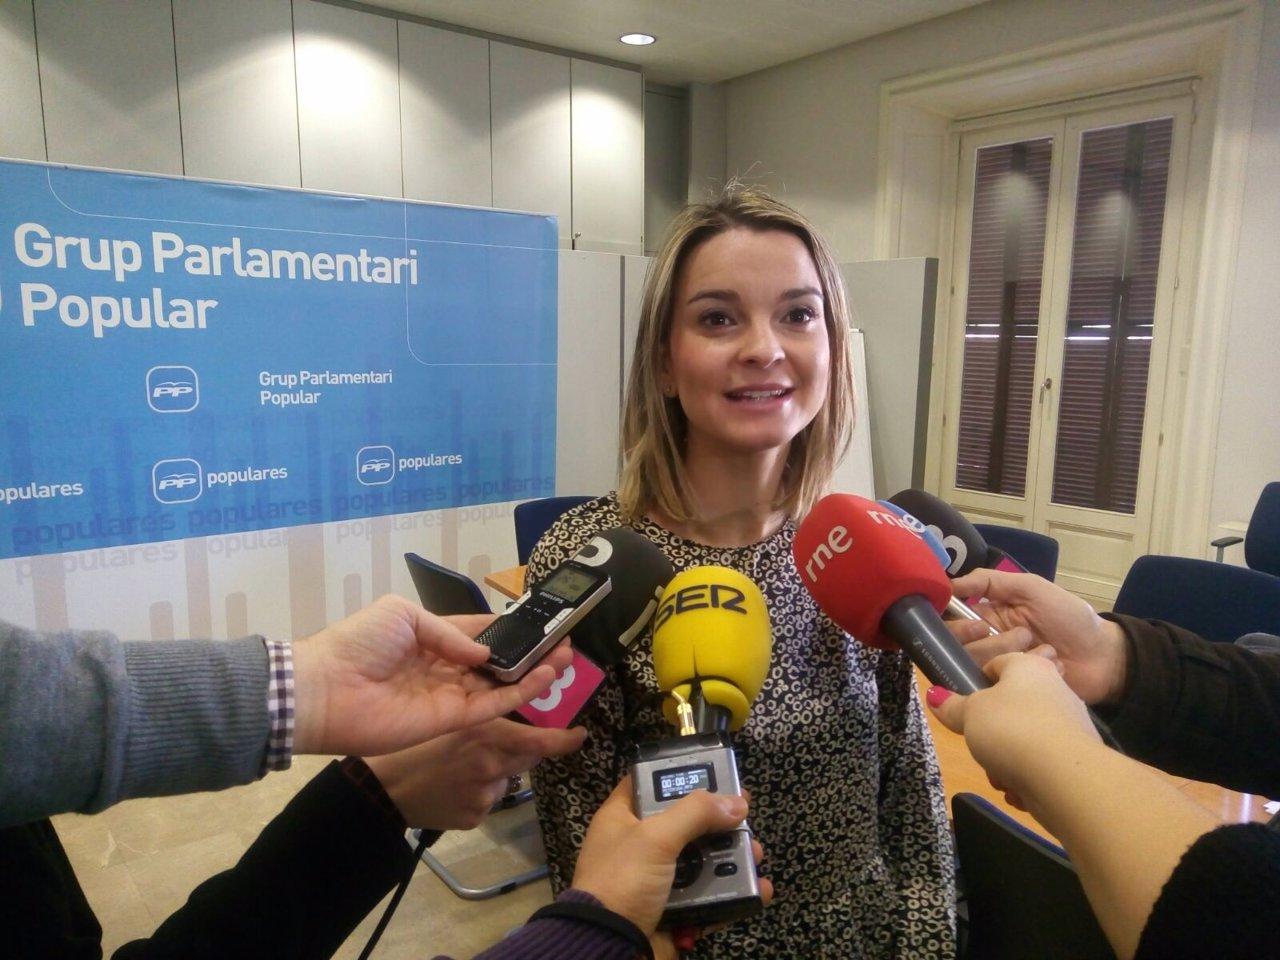 Marga Prohens